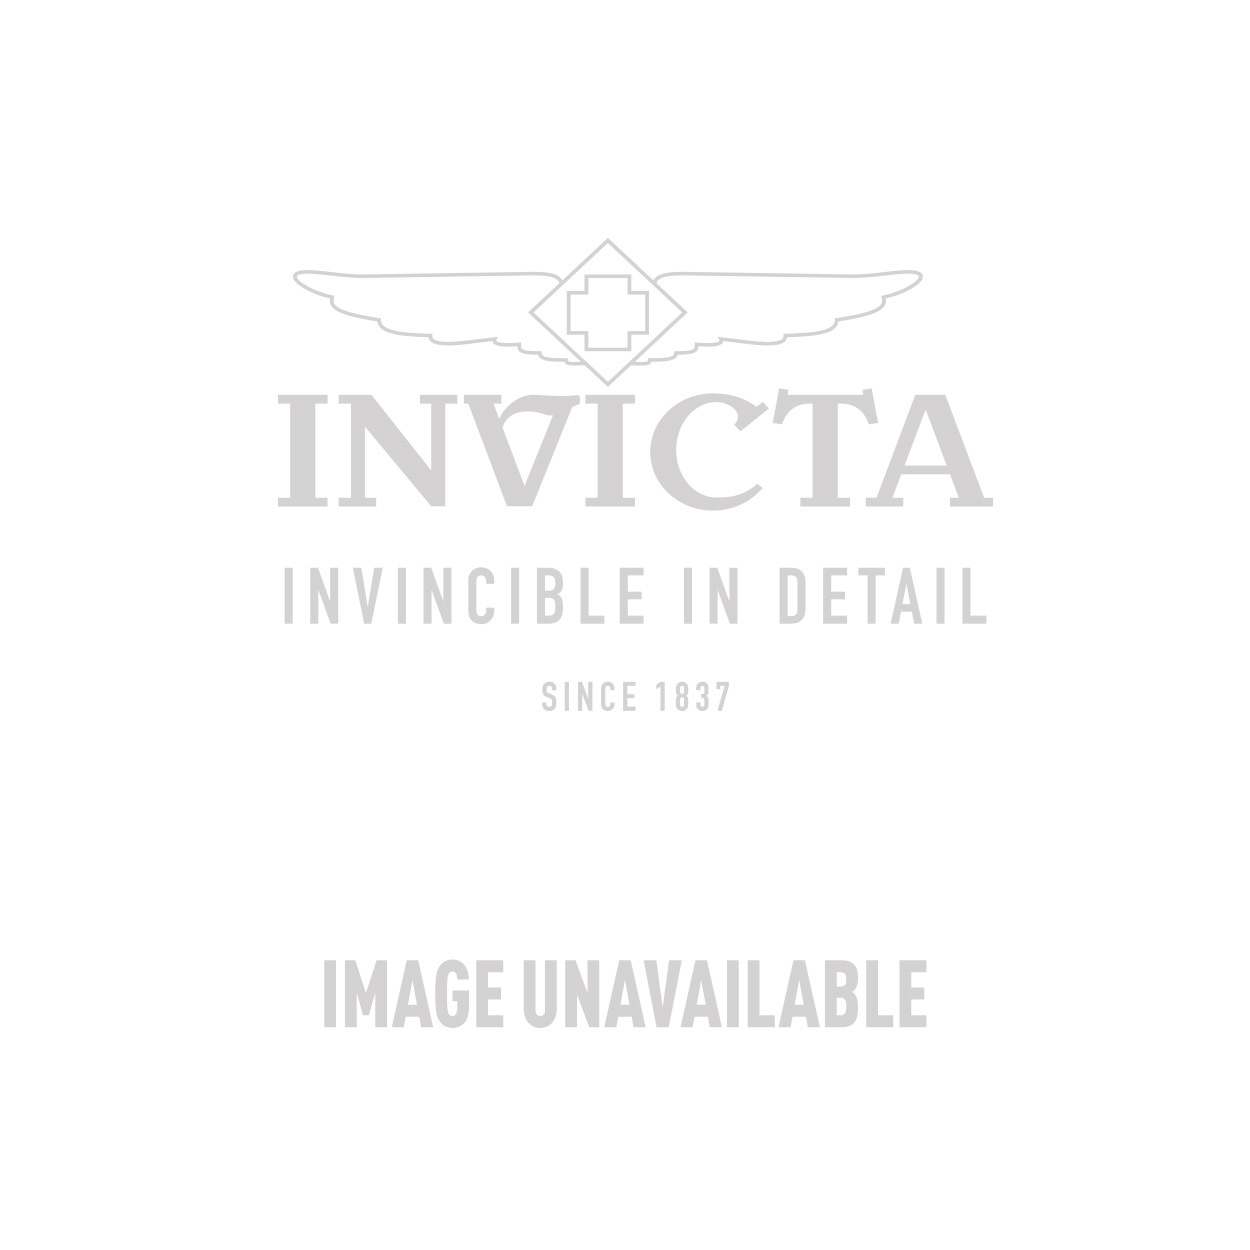 Invicta Model 29108